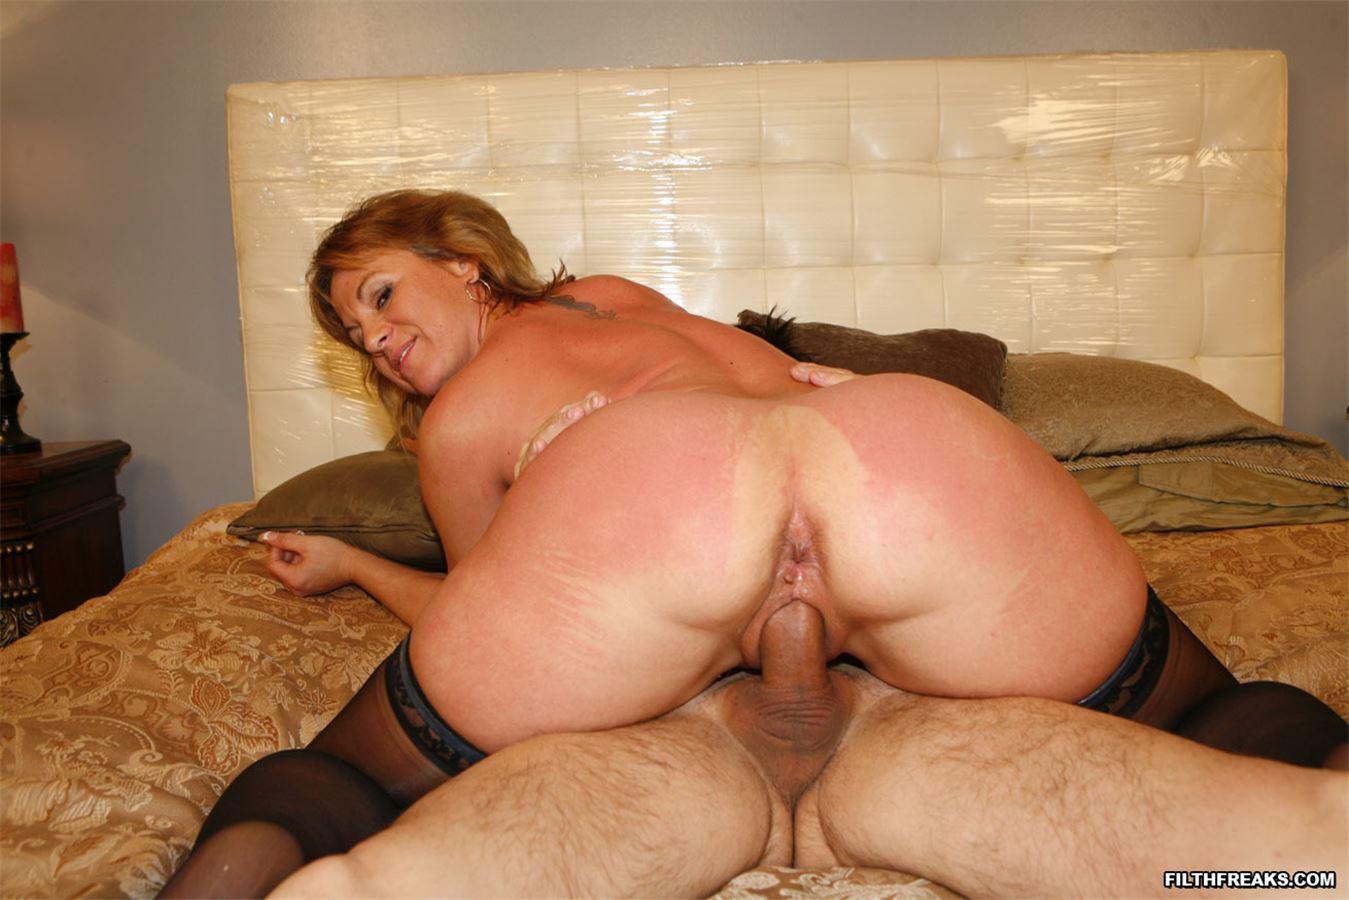 фото секс зрелые проститутки щечки, немного резкий